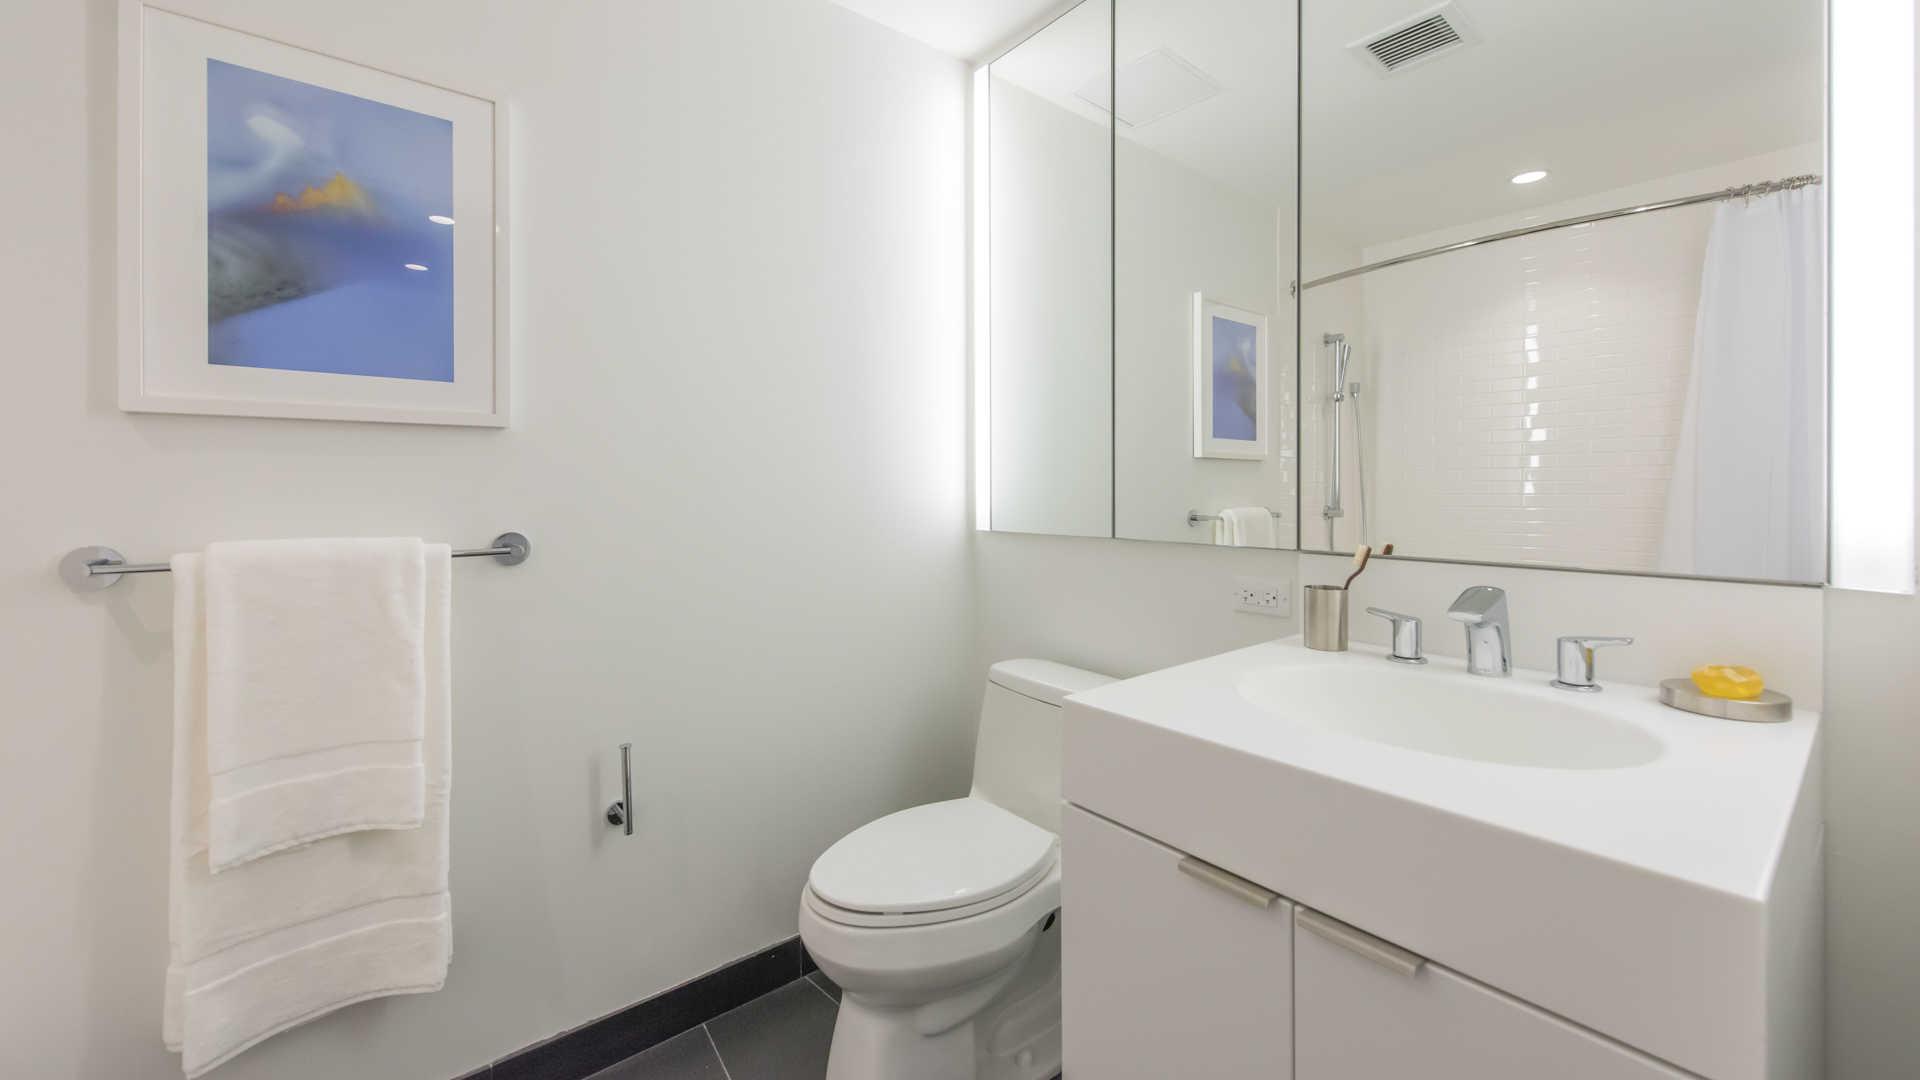 Bathroom with vanity storage